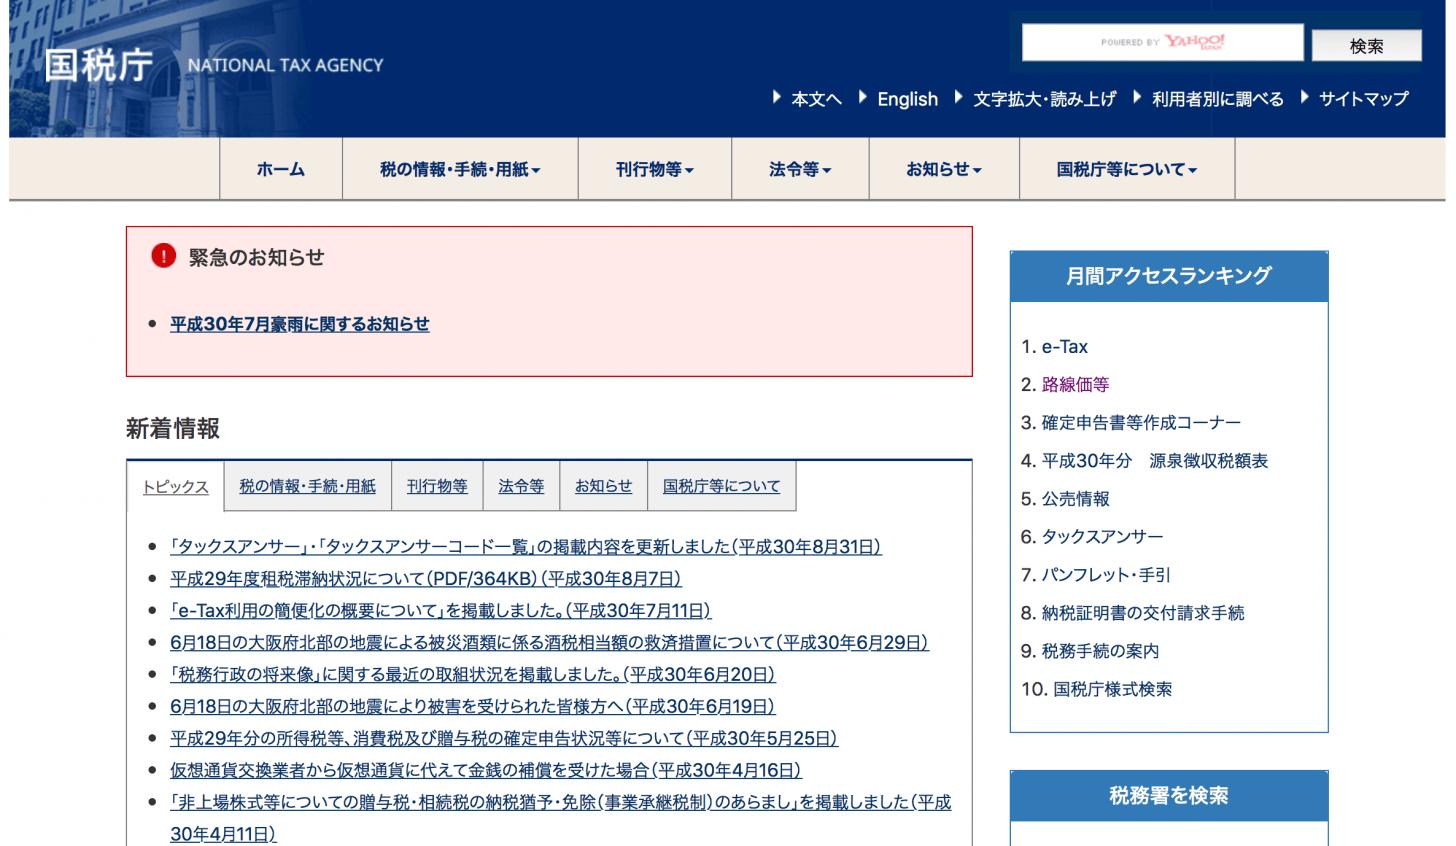 国税庁ホームページトップ